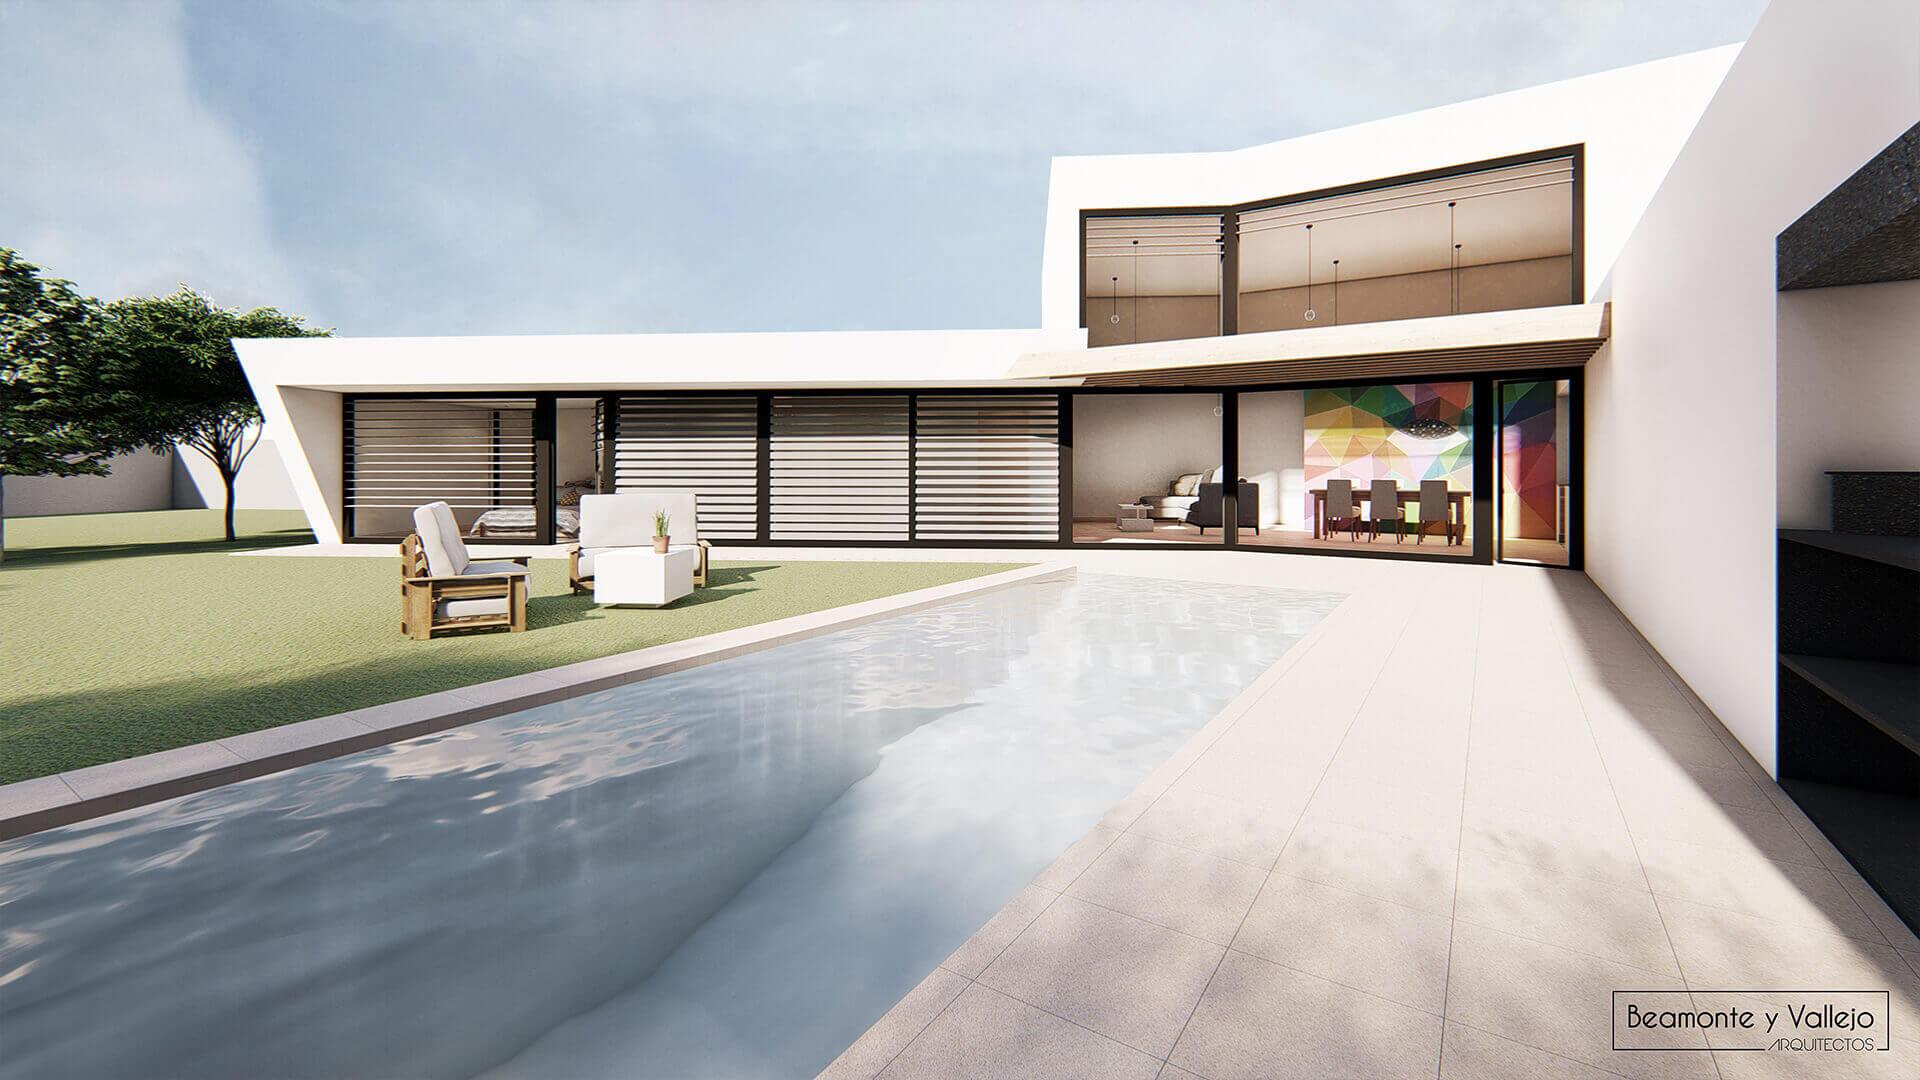 Beamonte y Vallejo arquitectos - Passivhaus Las Lomas 1 - 3